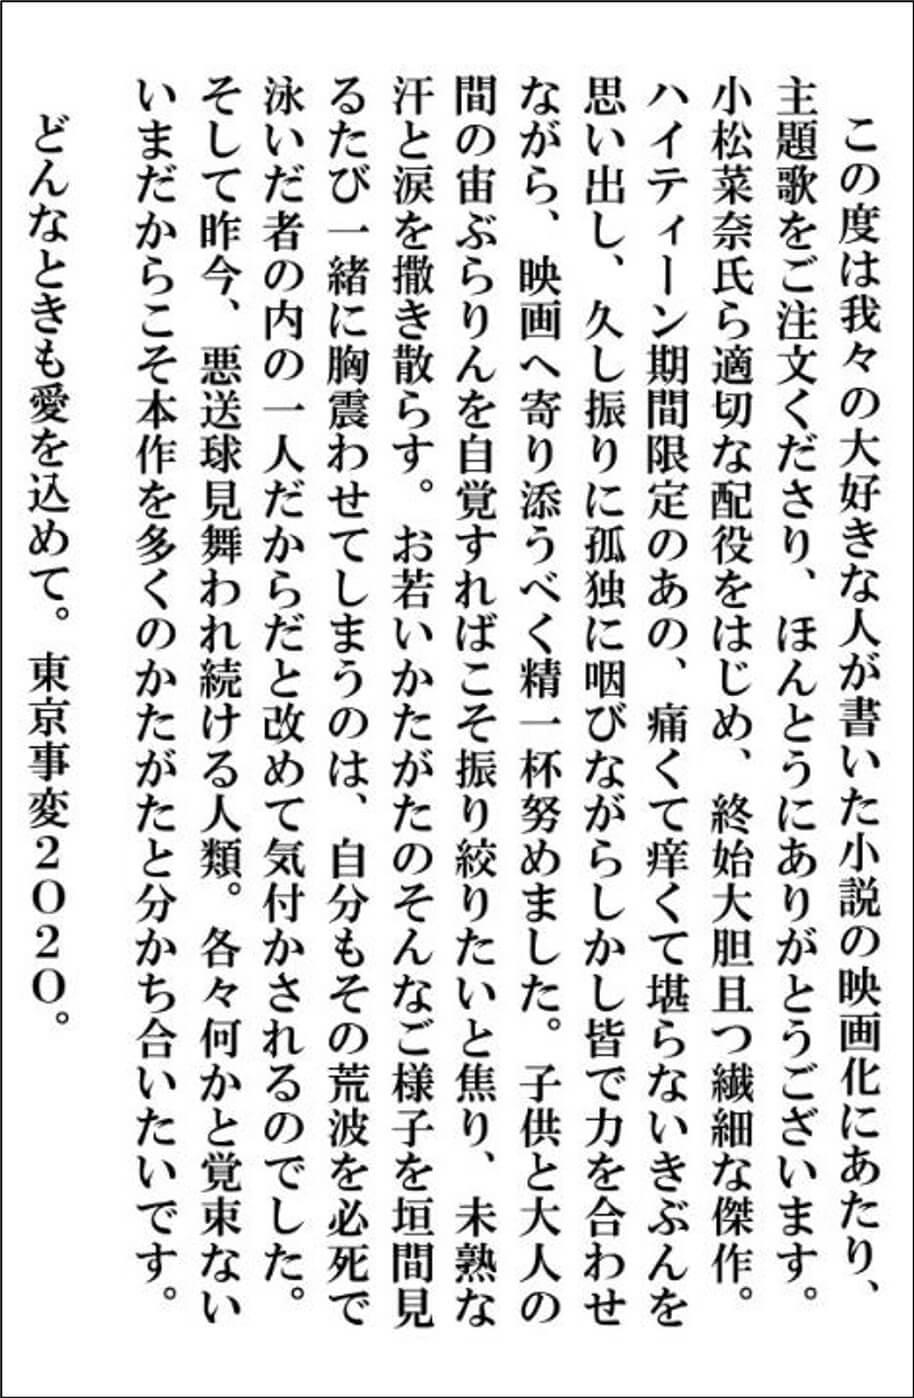 """東京事変の新曲""""青のID""""が北村匠海、小松菜奈、吉沢亮ら出演の映画『さくら』主題歌に決定!予告編も公開 music200806_tokyojihen-sakura_3"""